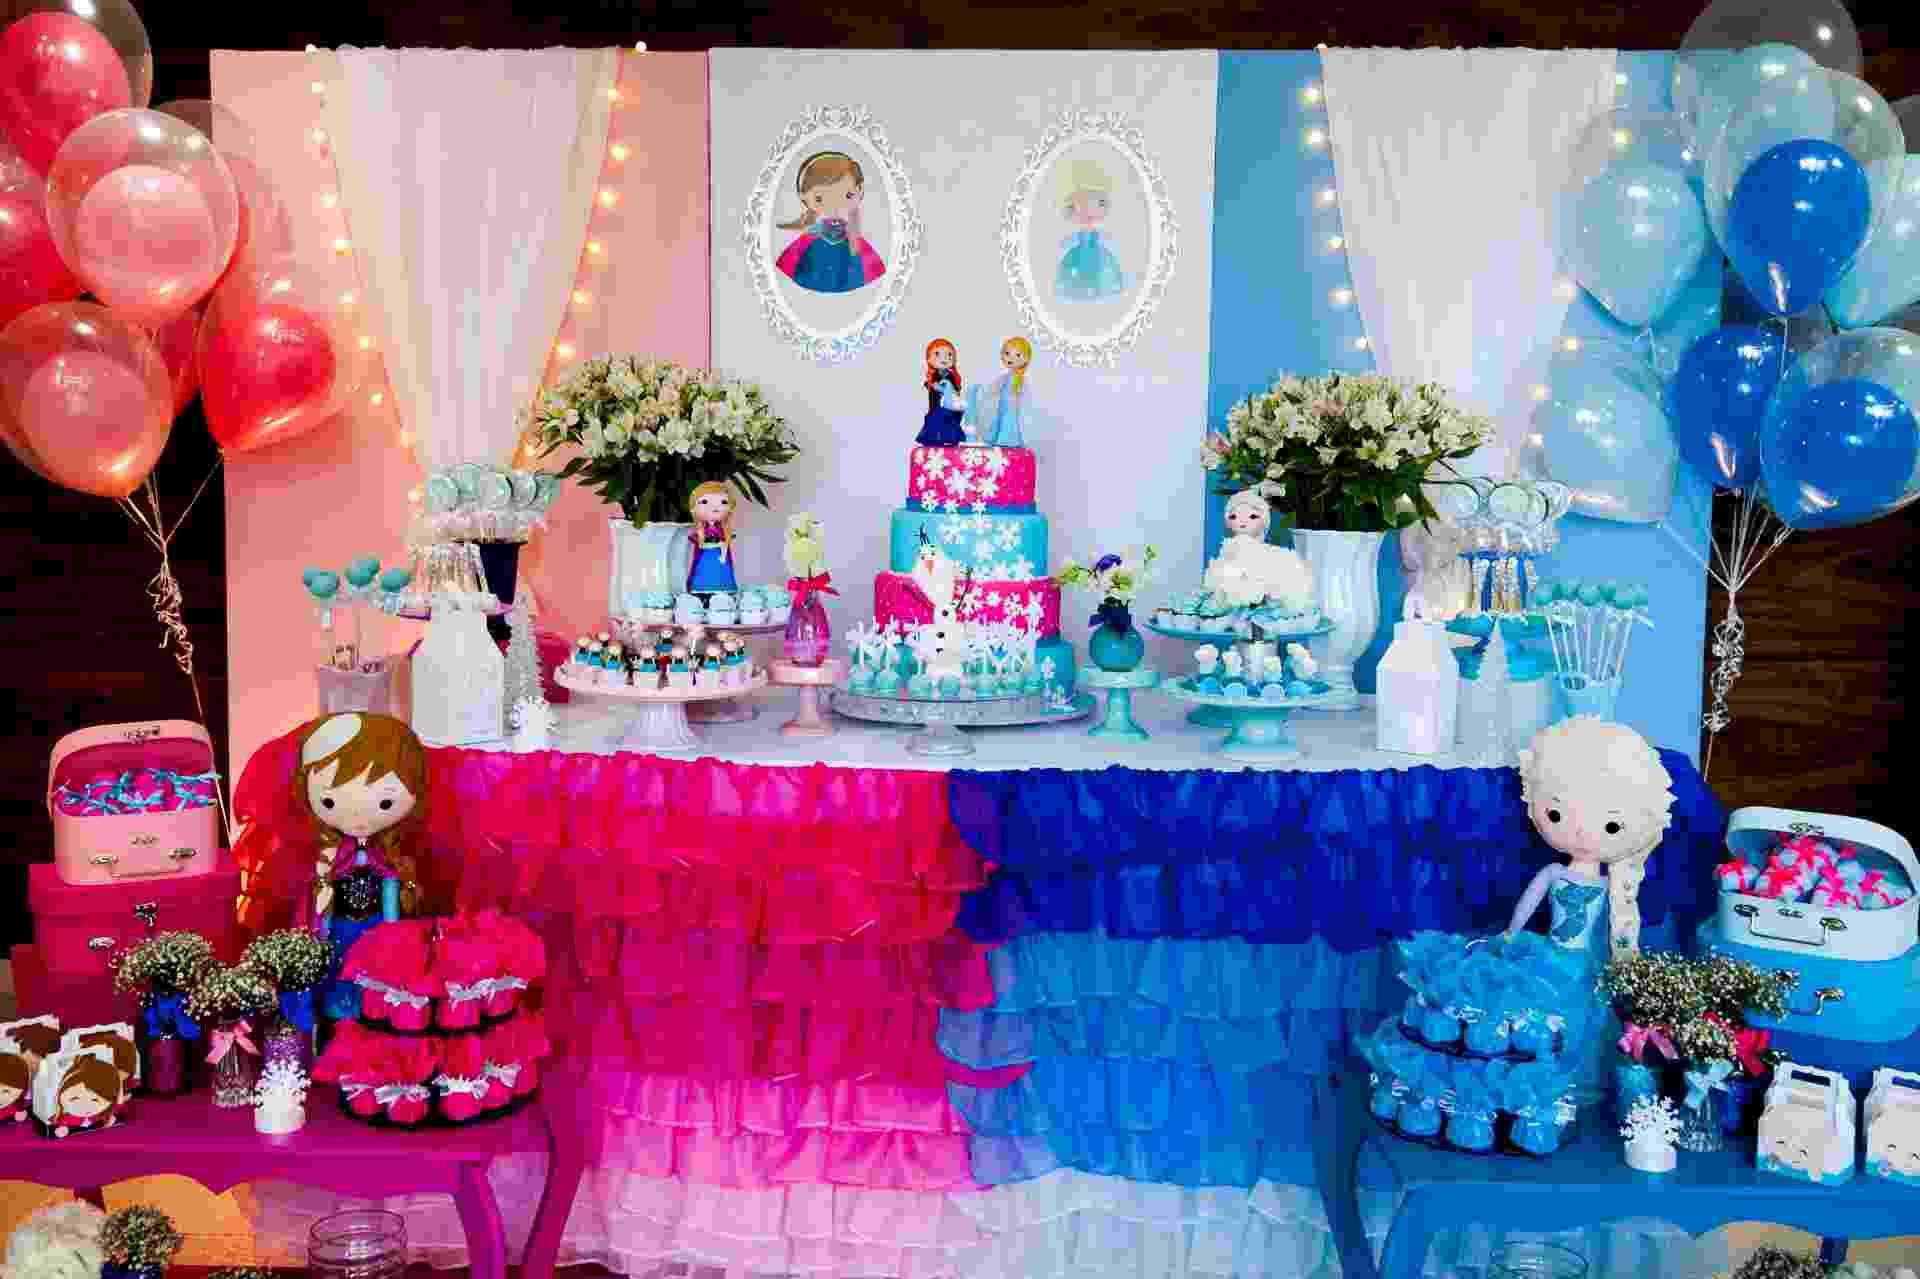 4bd818da13 Arco de bexigas é passado  veja como decorar a parede atrás da mesa do bolo